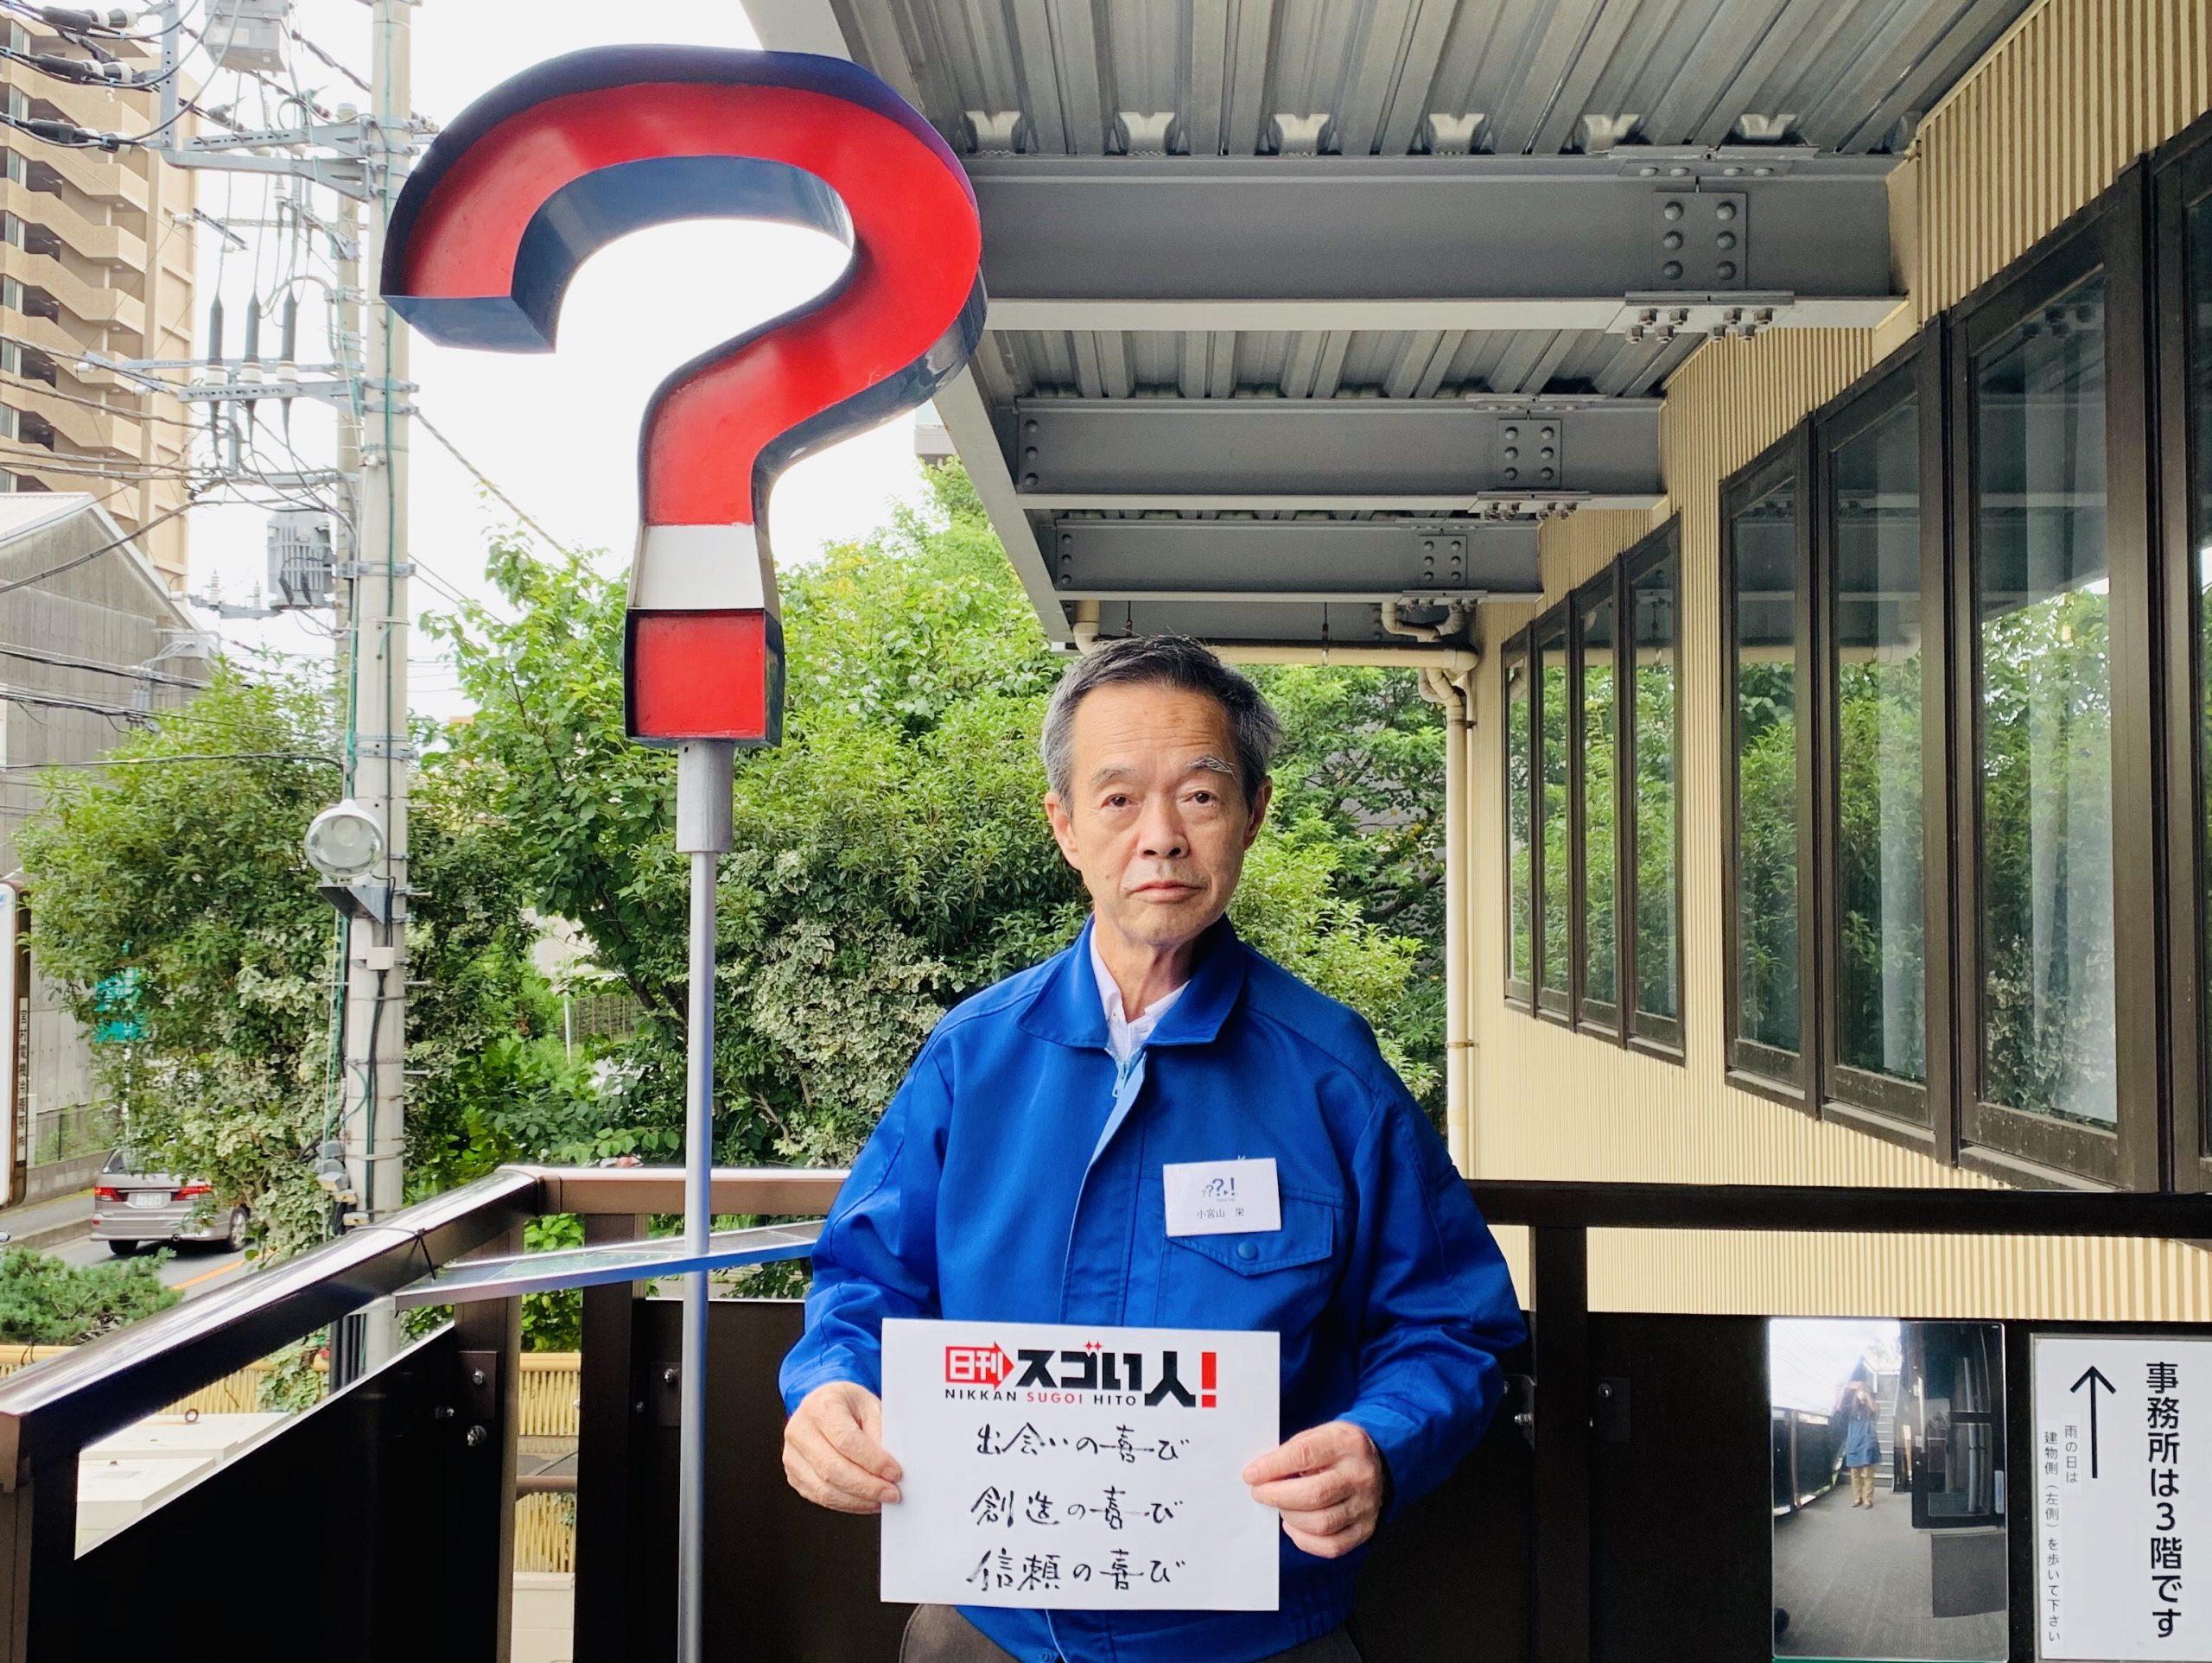 (日本語) 世界シェアNO.1のミラーを創り、お箸の文化を広めるスゴい人 DAY1